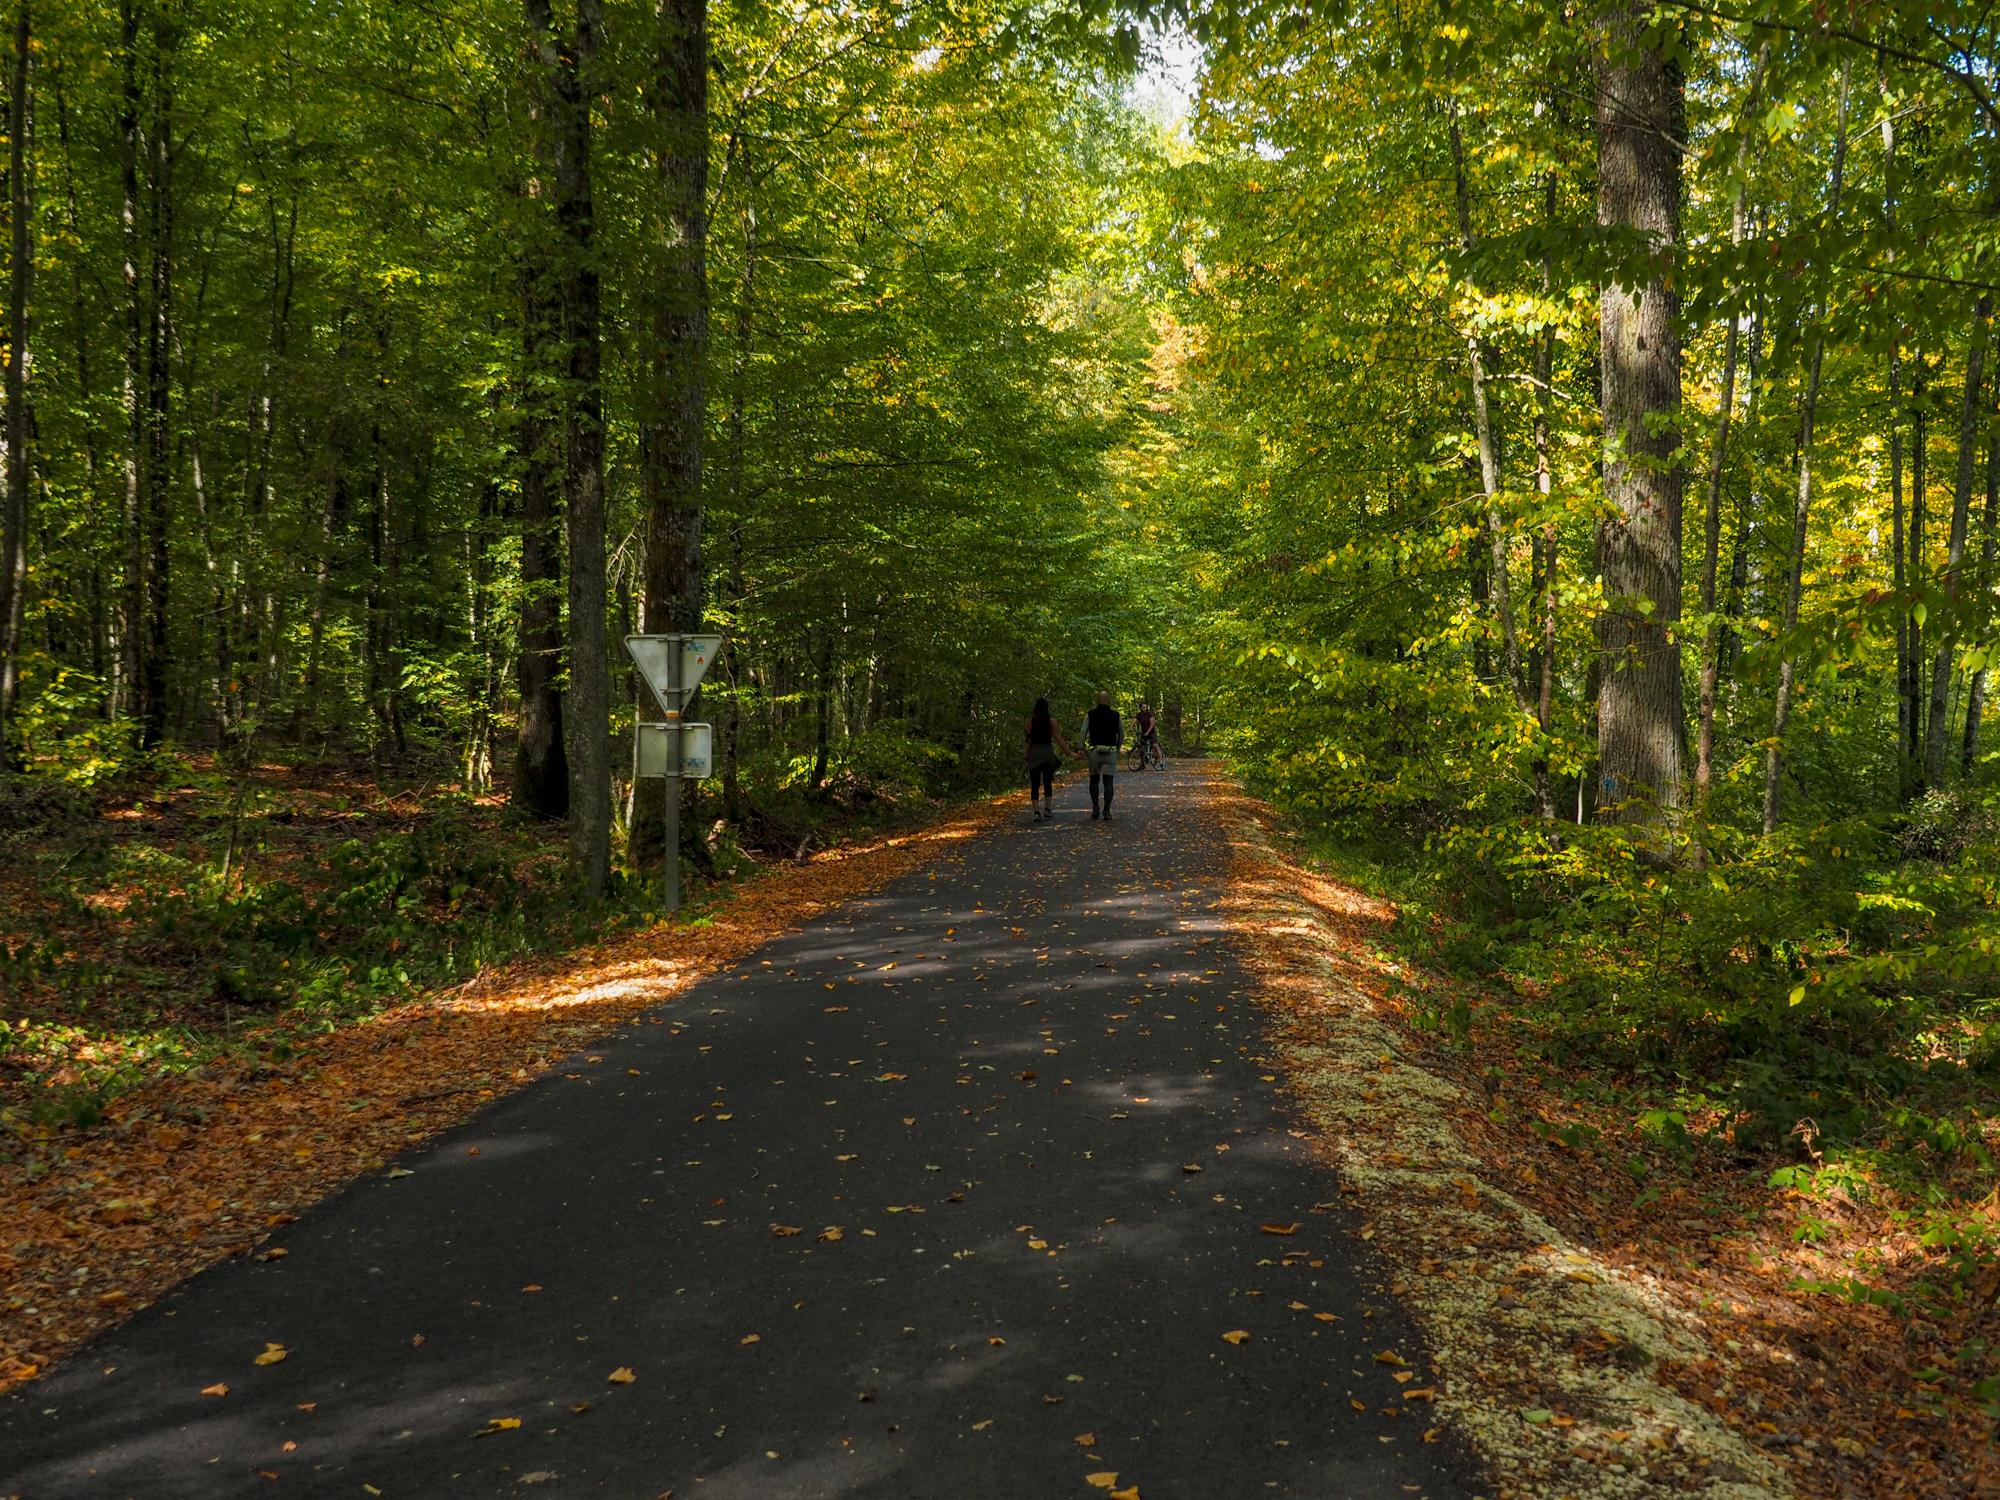 visite lac d'amance et forêt d'orient